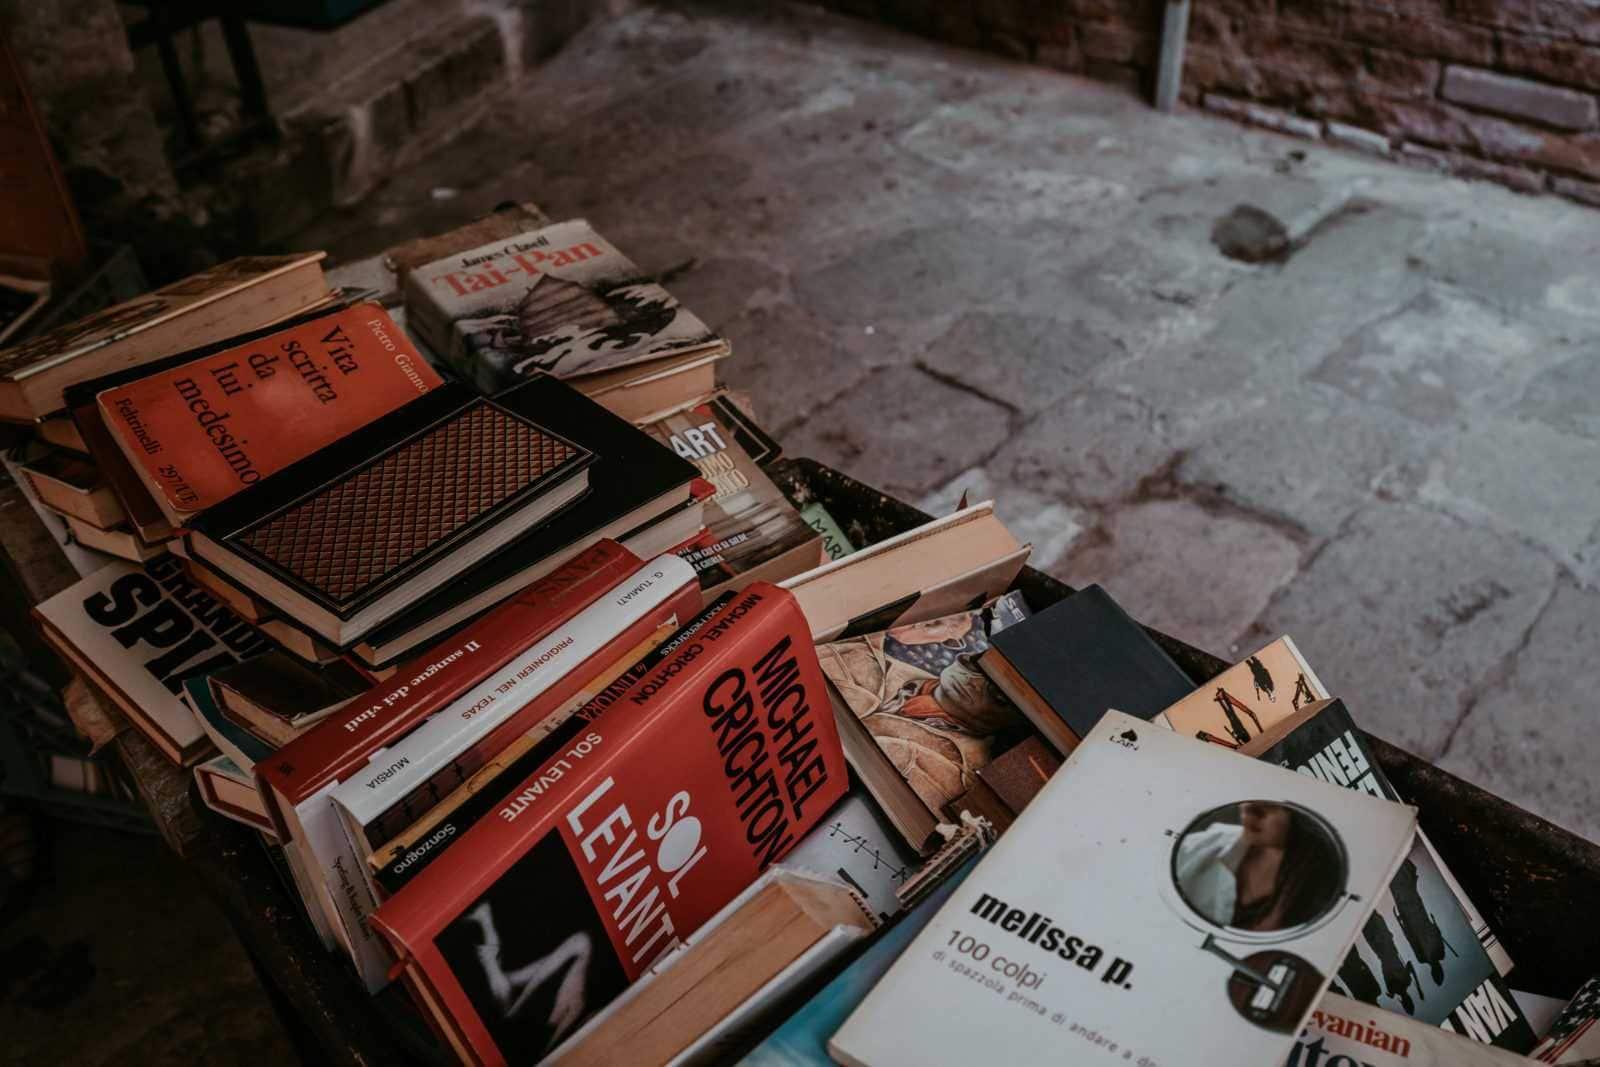 Libreria Acqua Alta Venedig Buchhandlung Antiquariat